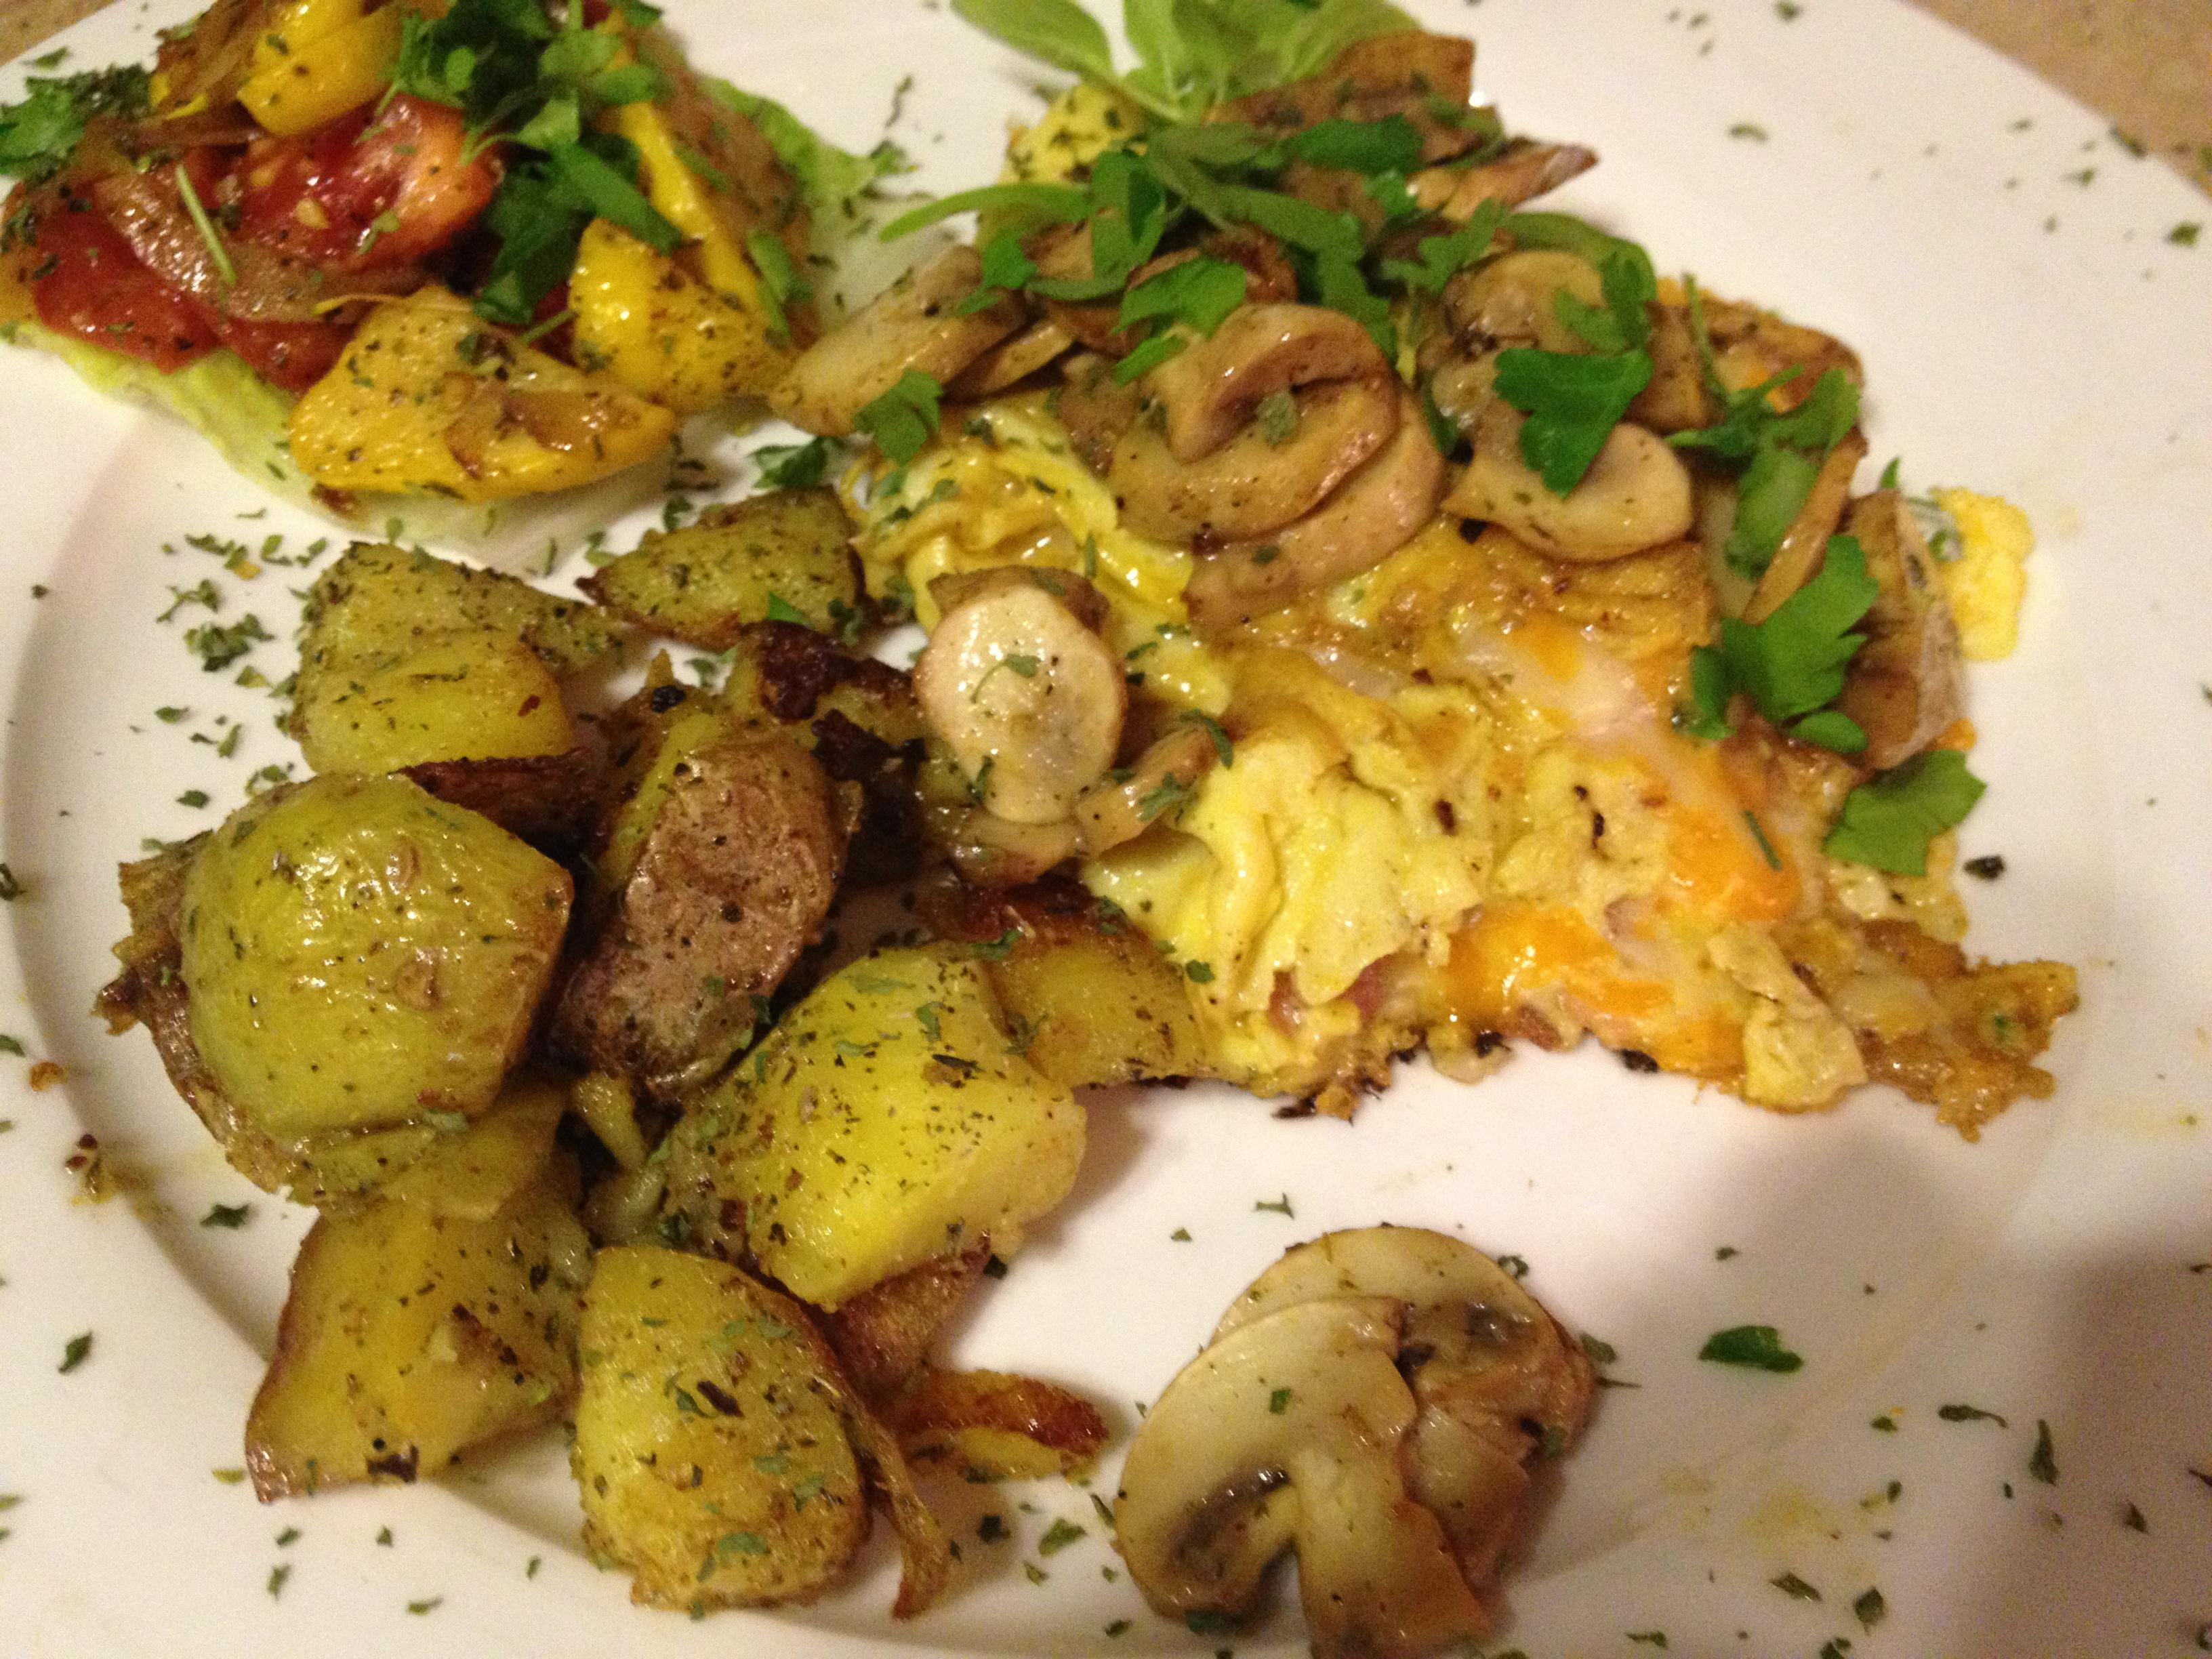 Bacon and Steak Mushroom Omelette